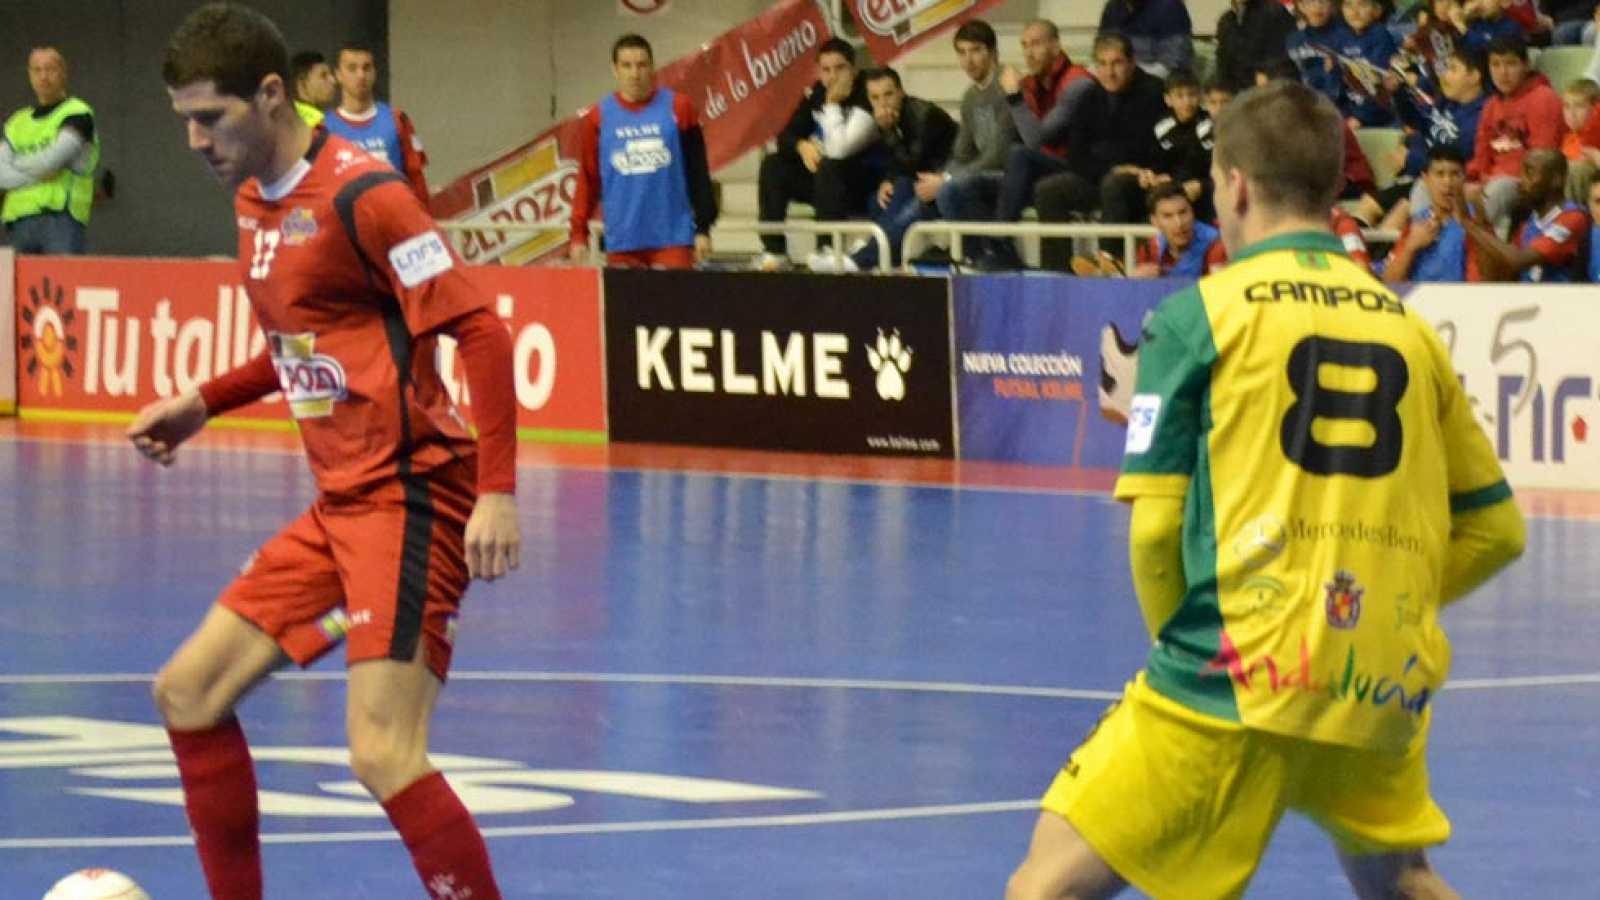 Resumen de la 17ª jornada de la Liga Nacional de Fútbol Sala